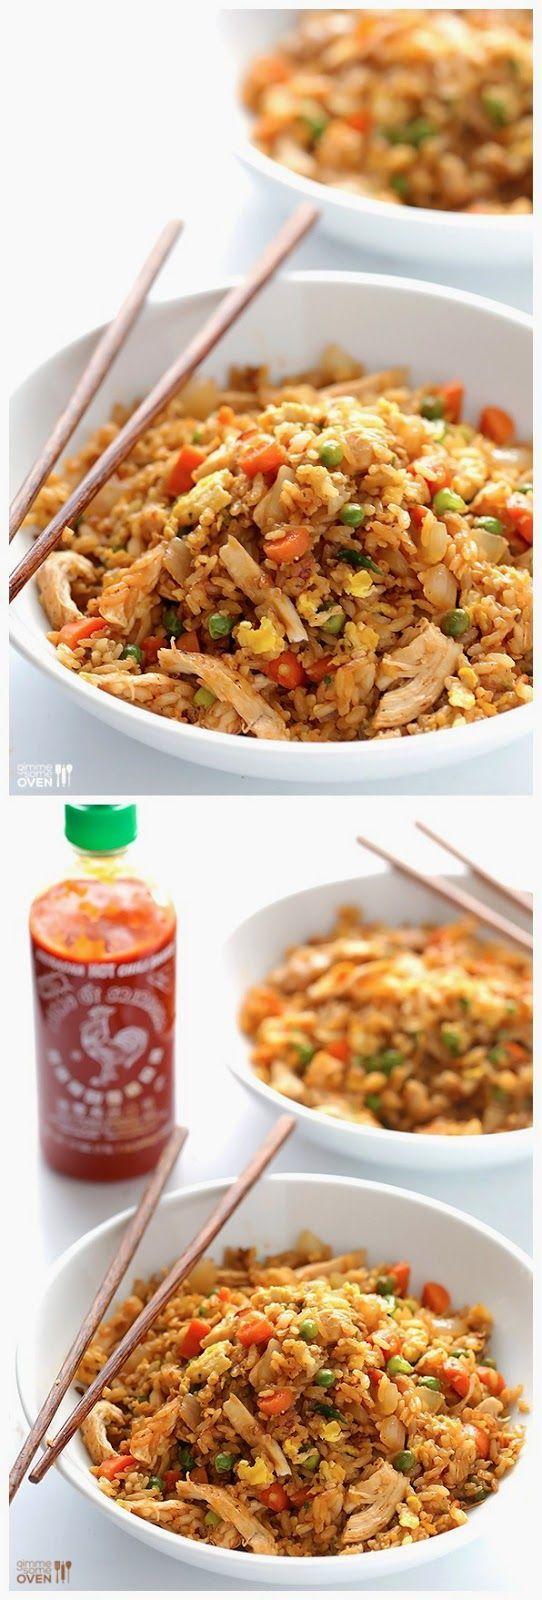 spicy+chicken+fried+rice.jpeg 542×1600 pixels